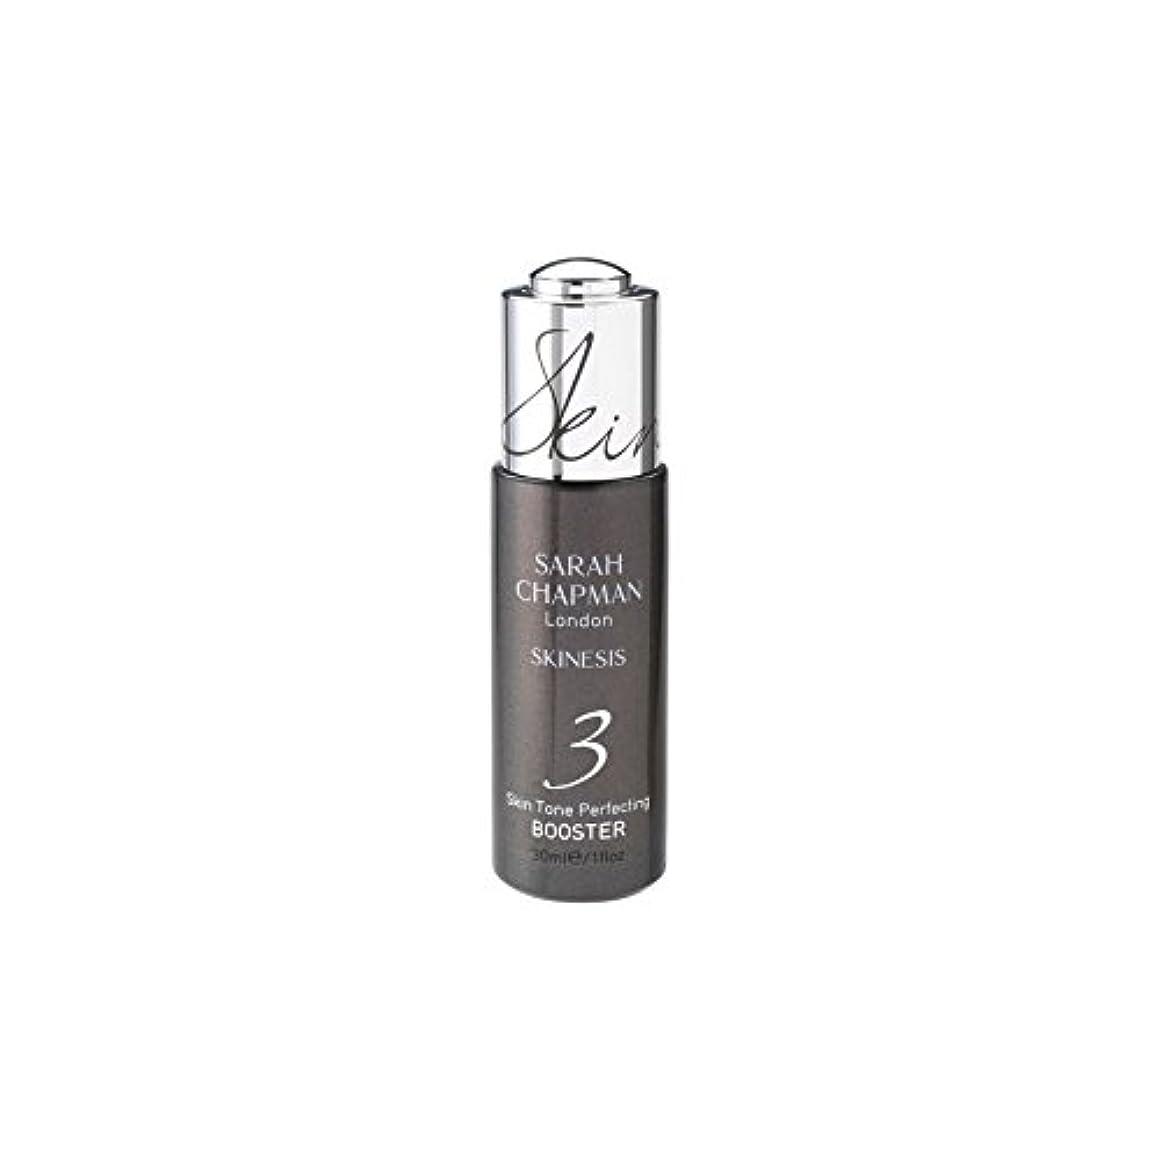 カナダ歌詞シェルSarah Chapman Skinesis Skin Tone Perfecting Booster (30ml) - サラ?チャップマン肌色完成ブースター(30ミリリットル) [並行輸入品]